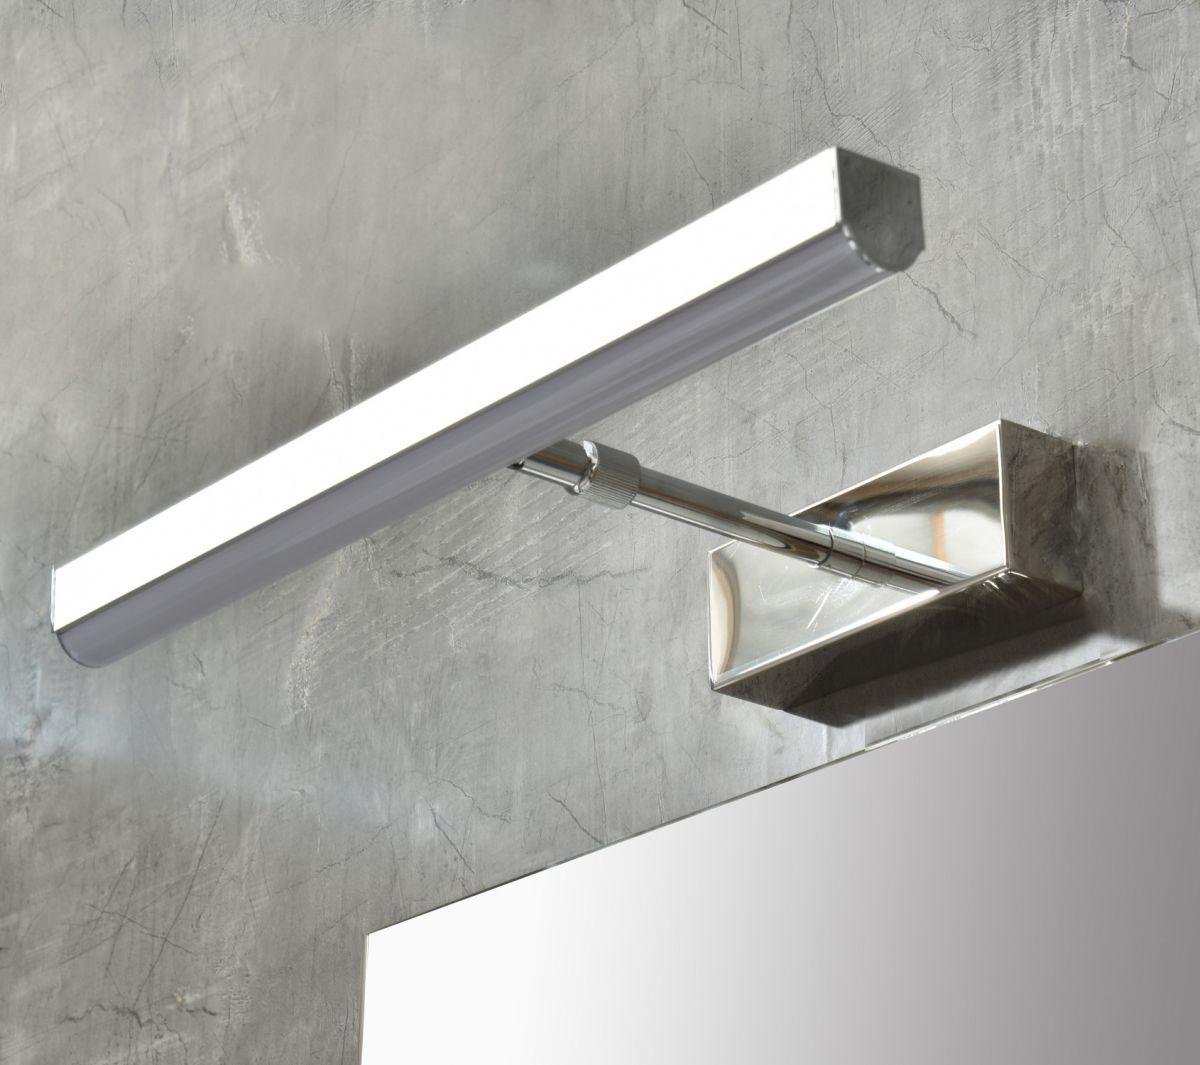 MF 1805 1M 3 Mobile bagno Praga sospeso 80 cm grigio effetto legno con lavabo,specchio e colonna pensile